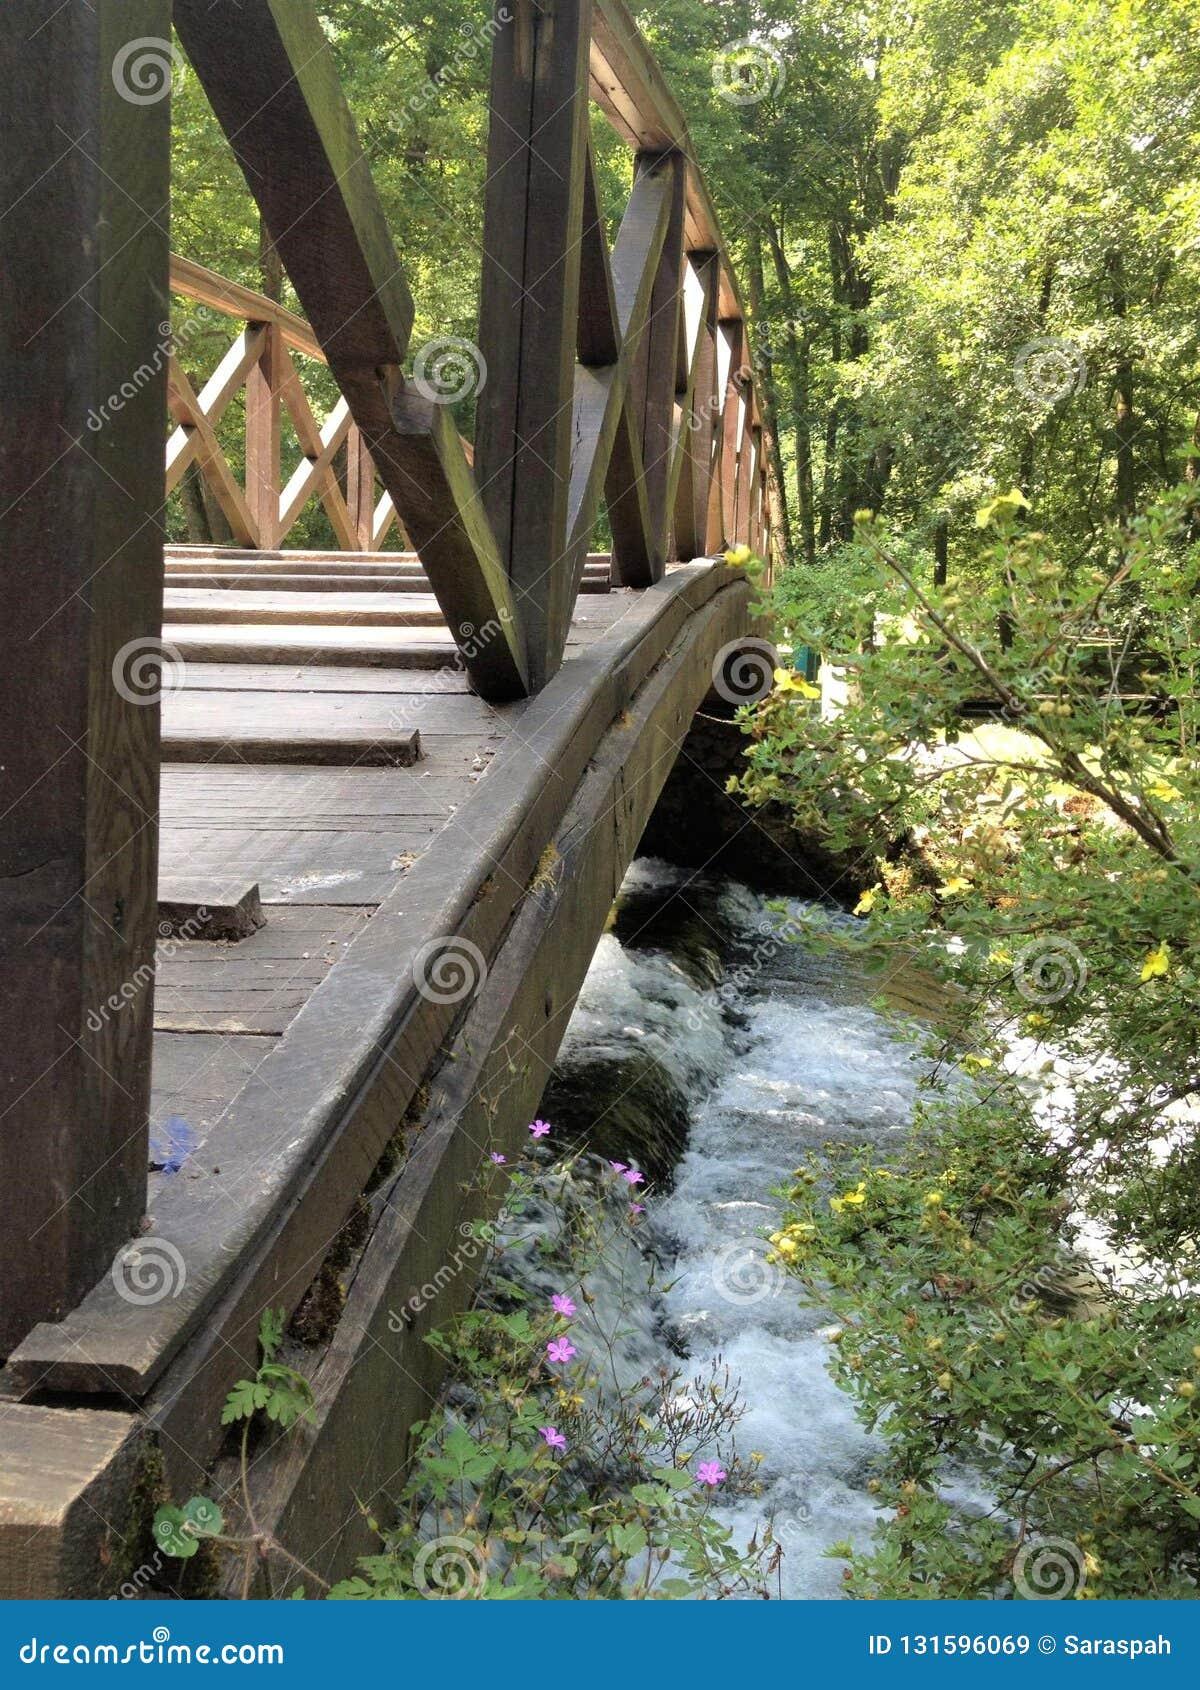 Closeup of a wooden bridge